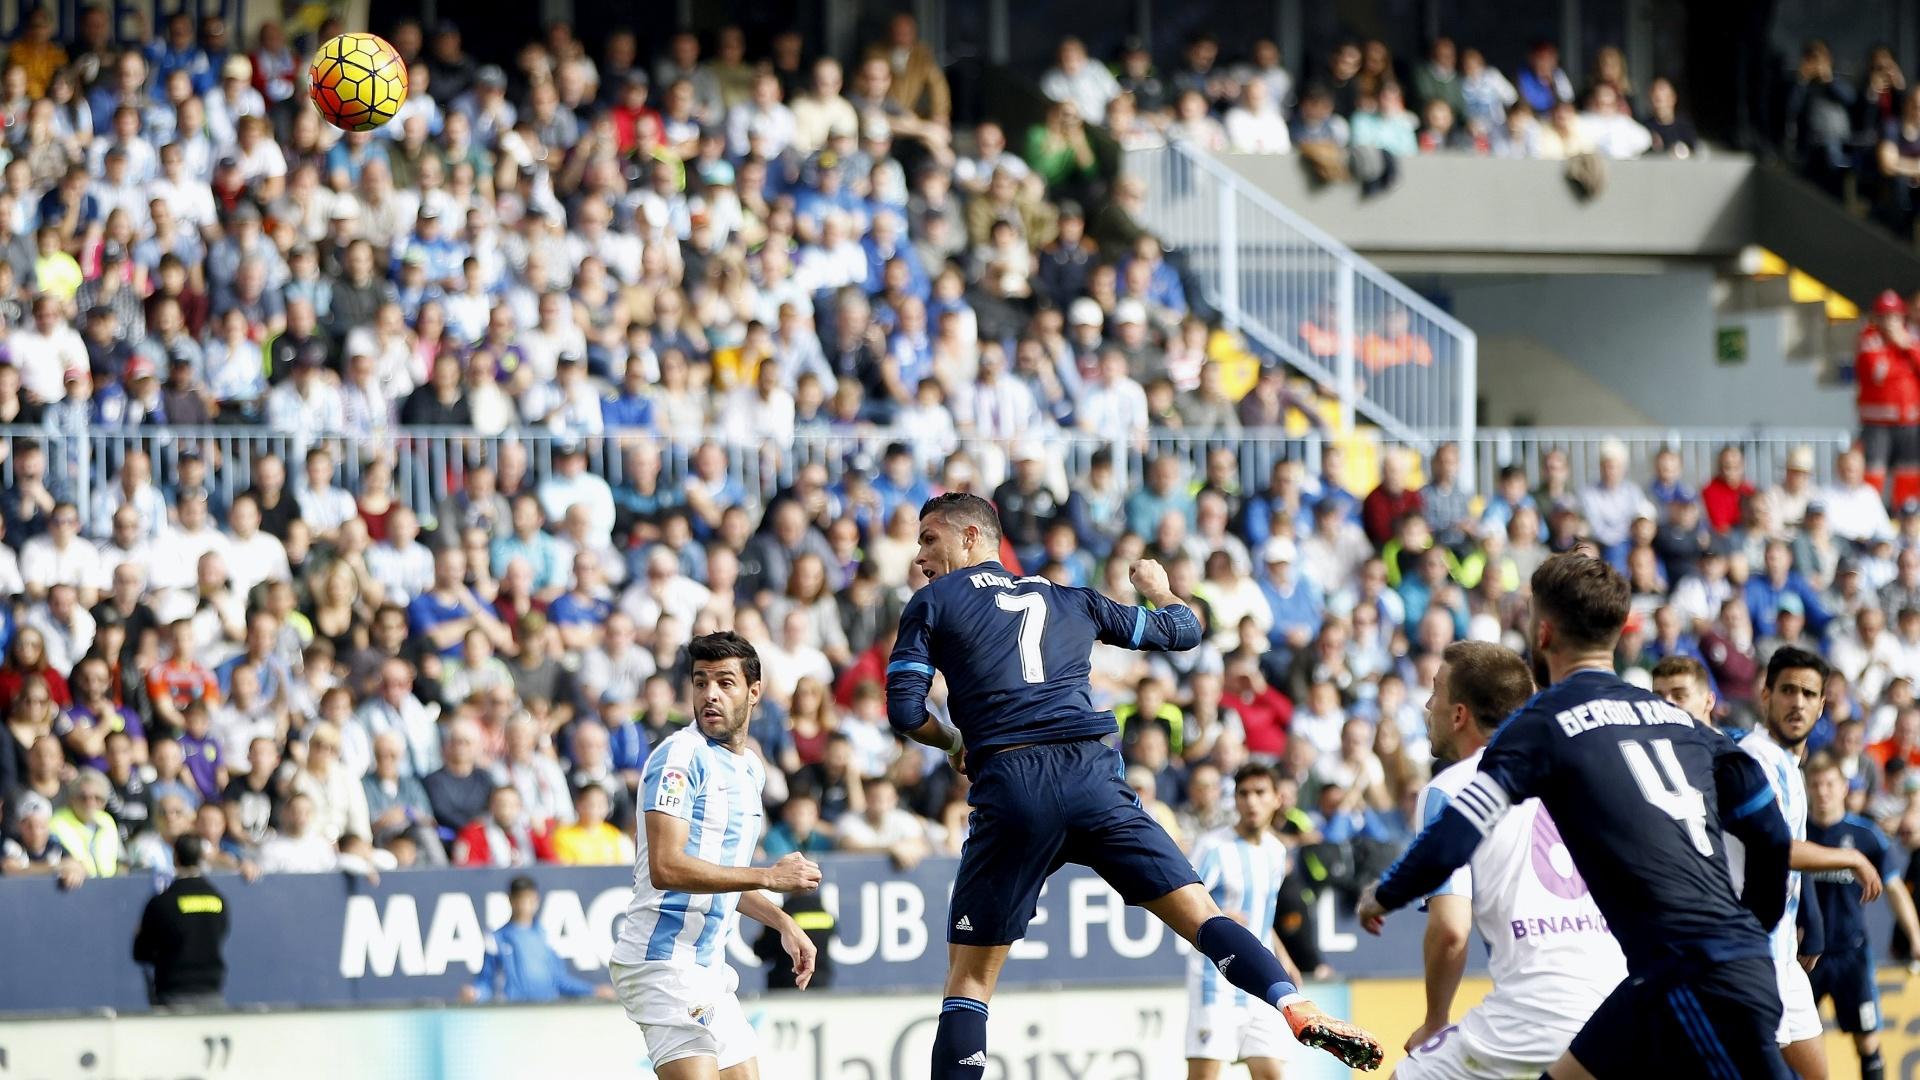 Cristiano Ronaldo cabeceia para abrir o placar para o Real Madrid, em jogo contra o Málaga no Estádio de La Rosaleda